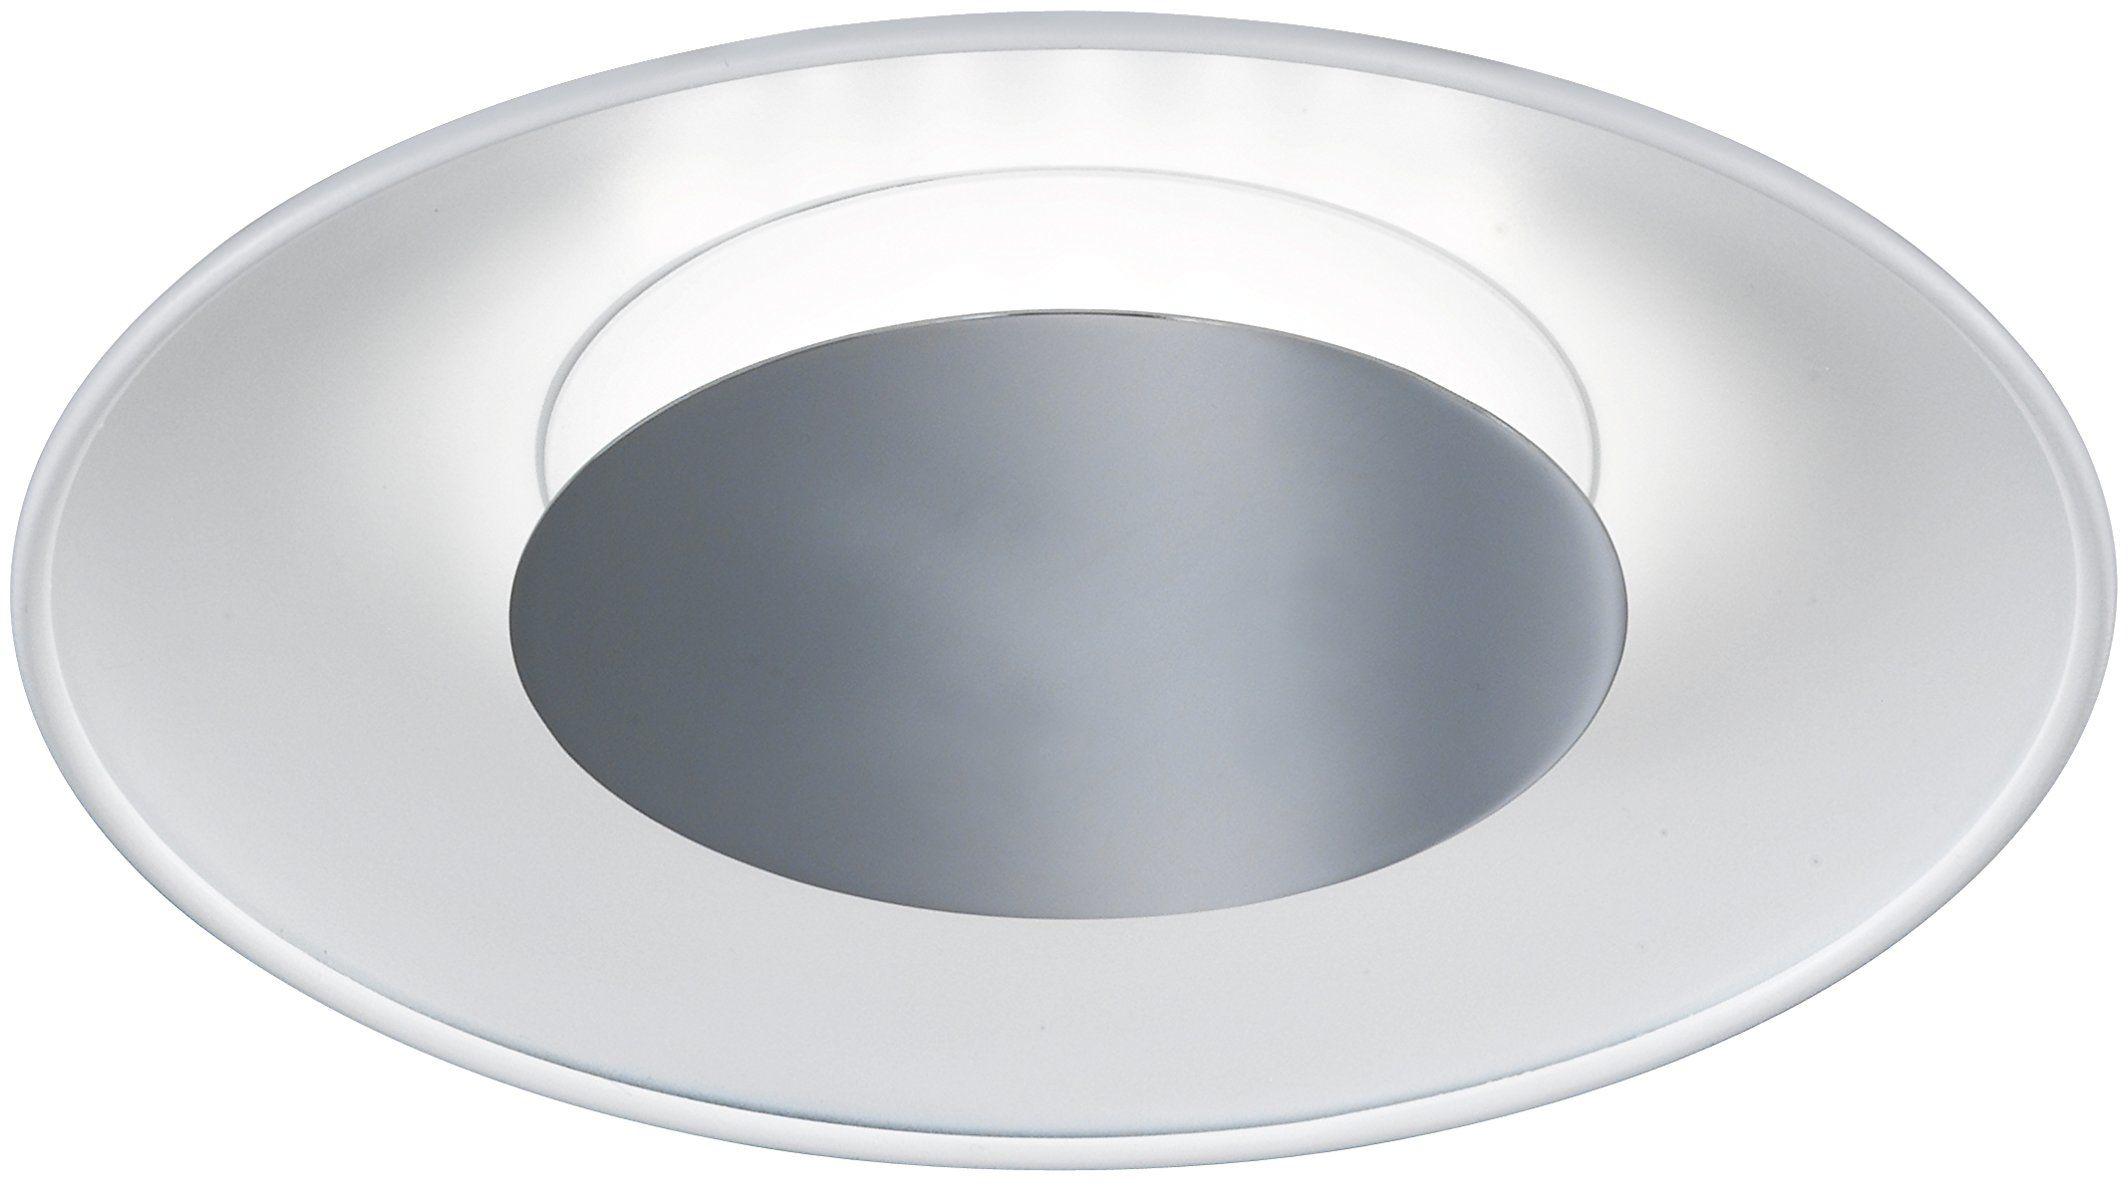 WOFI Lampa sufitowa, 1-żarówkowa, seria Rondo, 1 x LED, 13 W, wysokość 6 cm, średnica 30 cm, kelwiny 3000